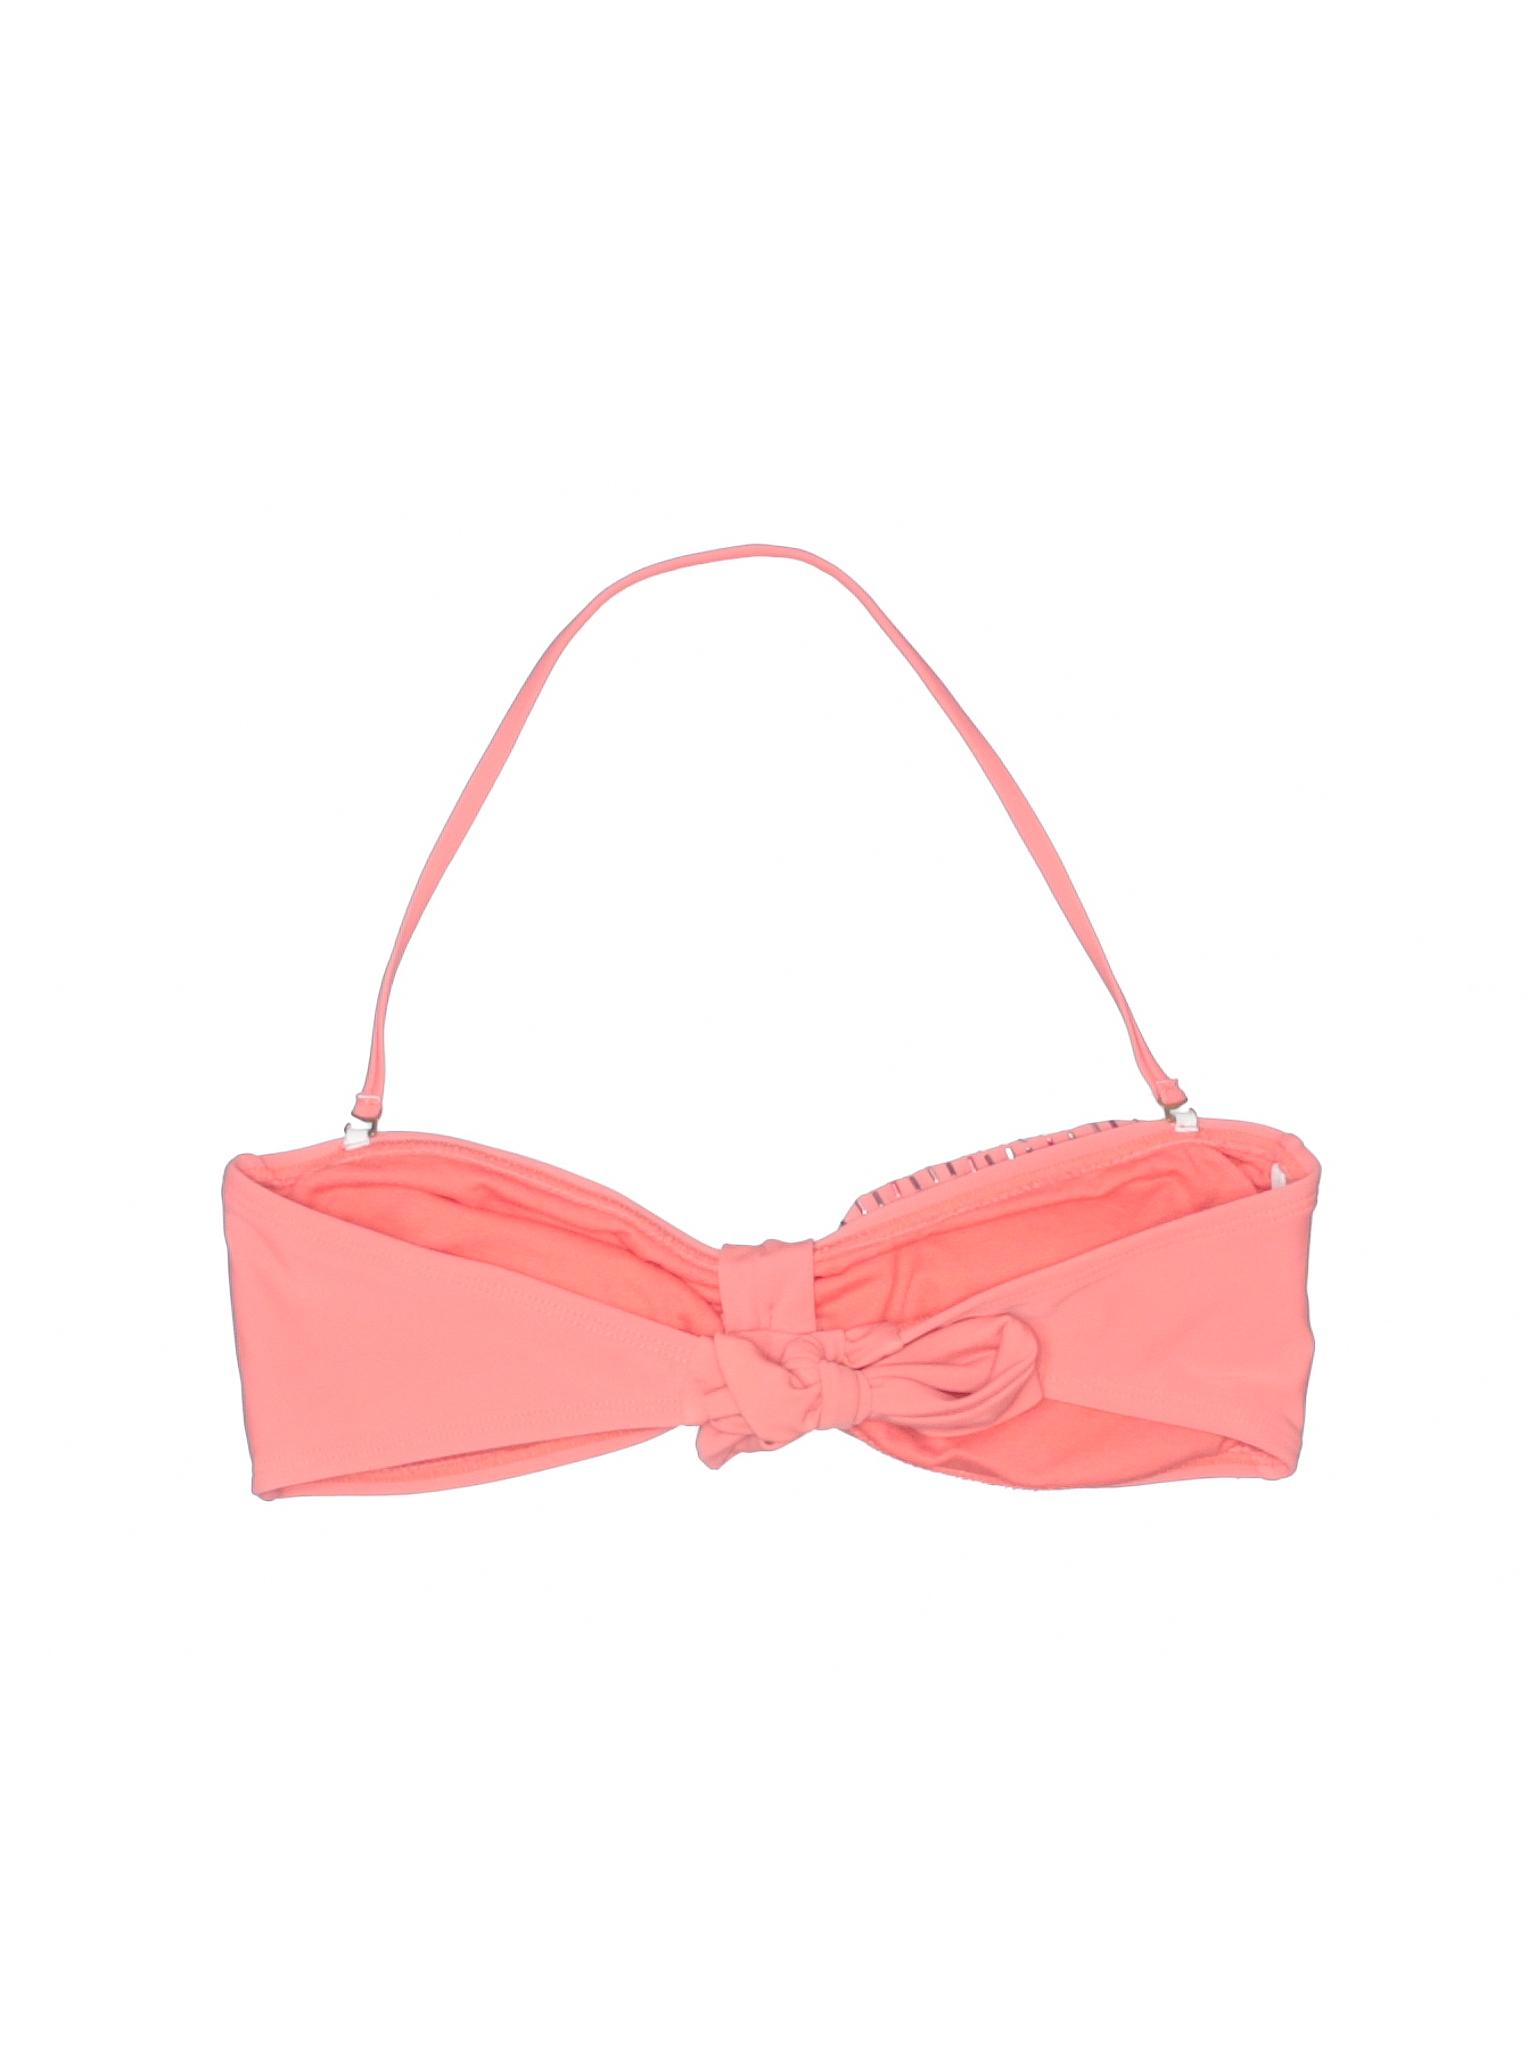 Xhilaration Boutique Top Swimsuit Boutique Swimsuit Xhilaration Xhilaration Swimsuit Boutique Top Top xXFS07Iwq